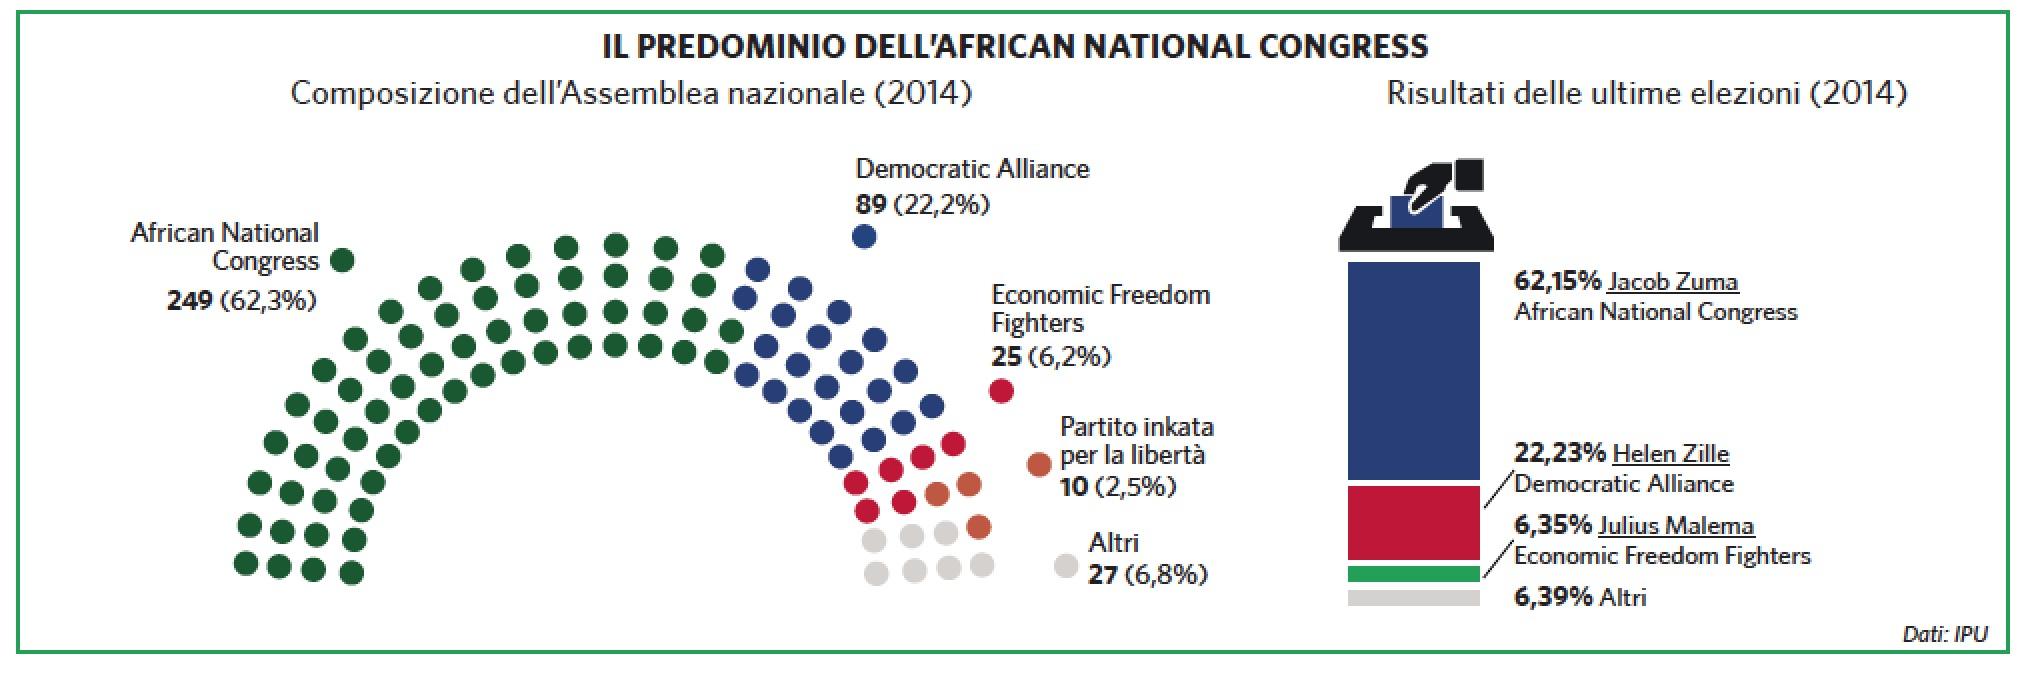 Sudafrica in atlante geopolitico for Composizione del parlamento